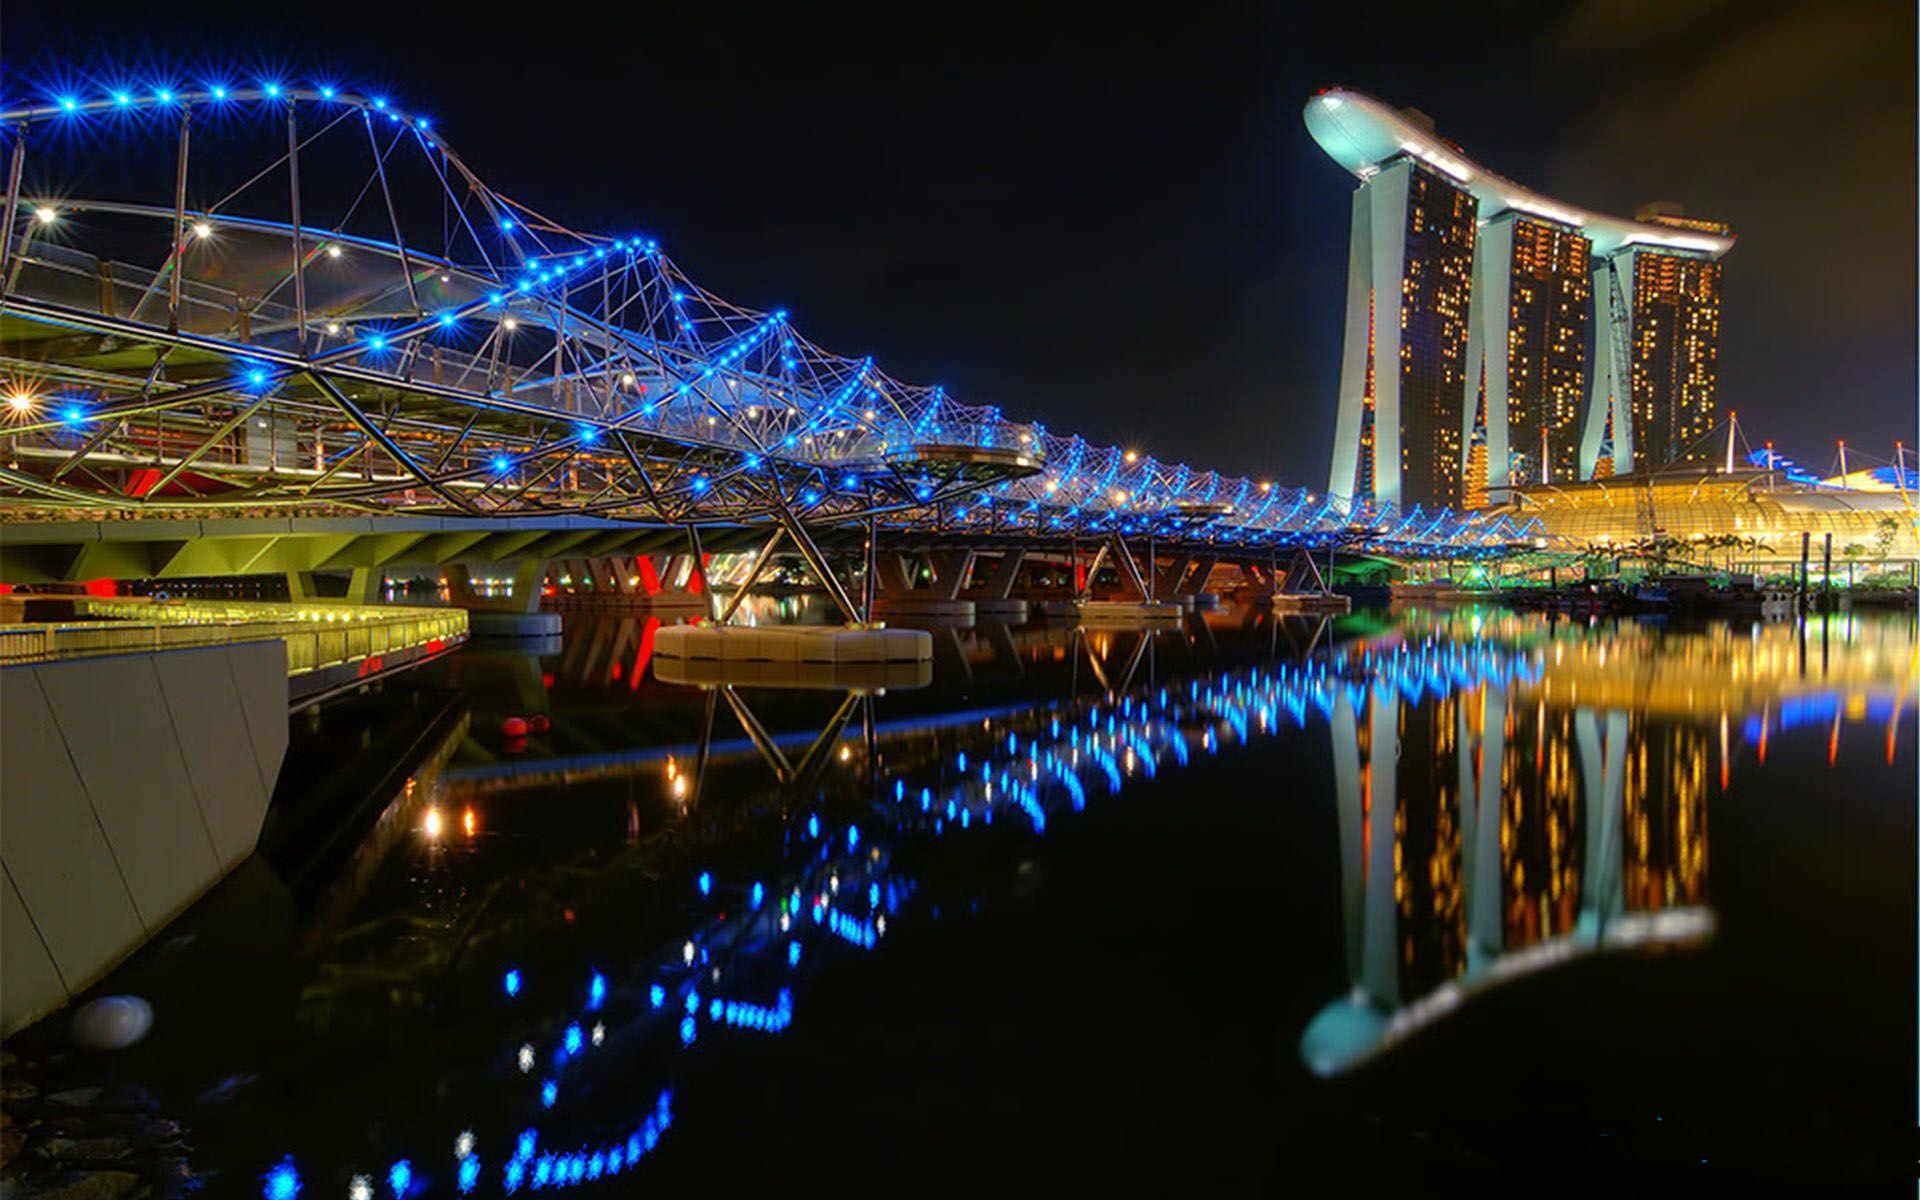 Singapore S Incredibly Light Helix Bridge Woe Sands Hotel Singapore Romantic Destinations Singapore Destinations